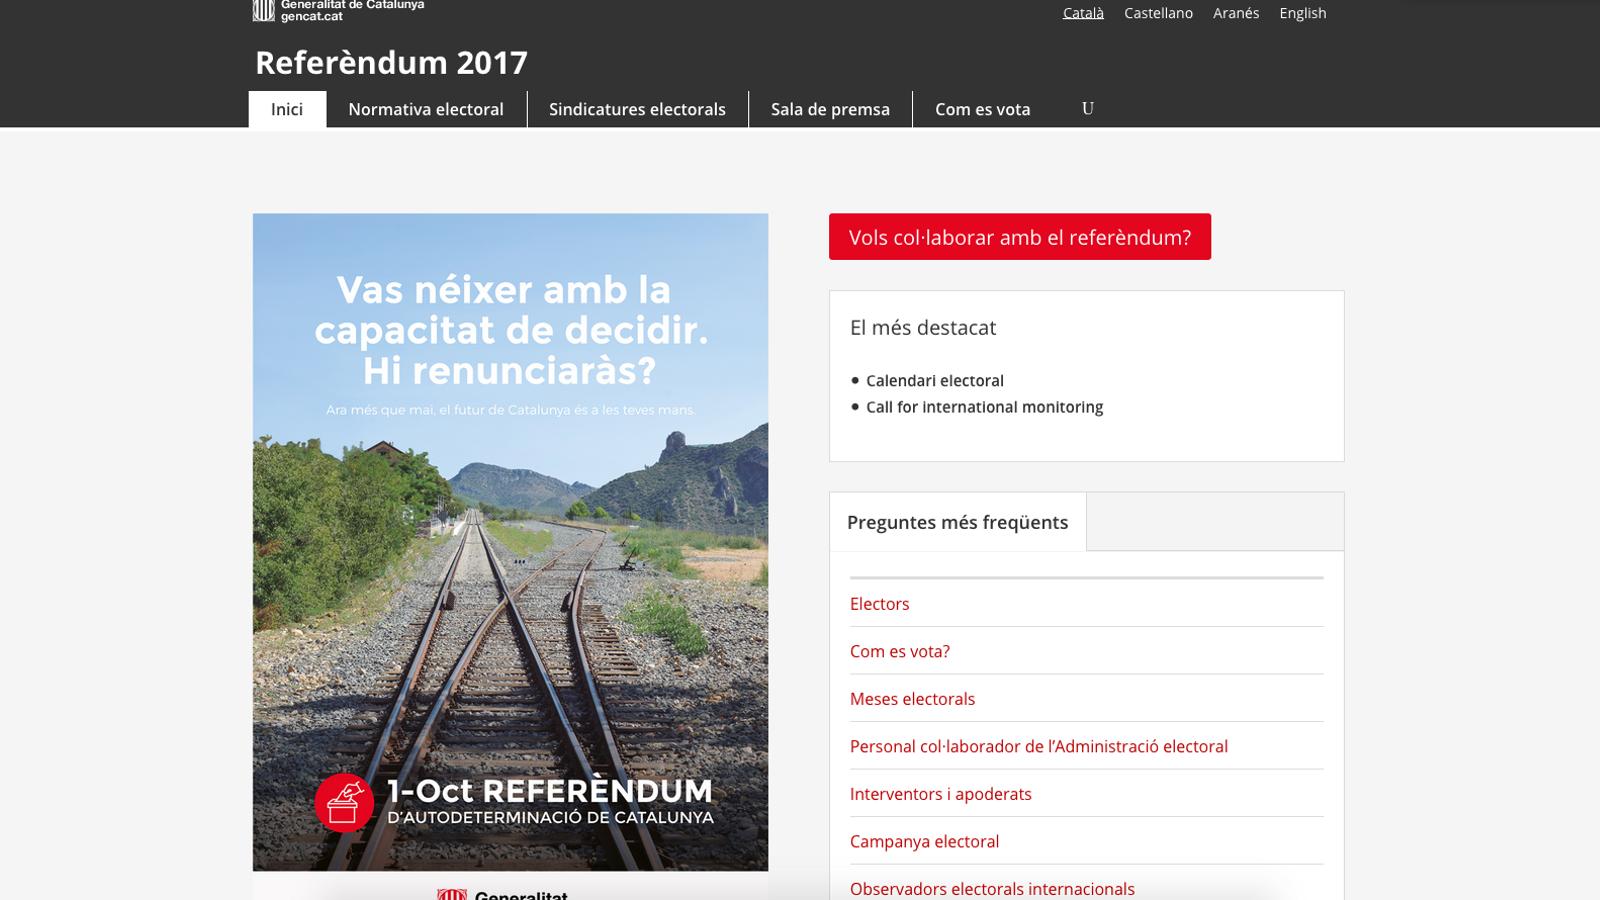 Un jutge força el tancament de la web del referèndum però la Generalitat la reobre